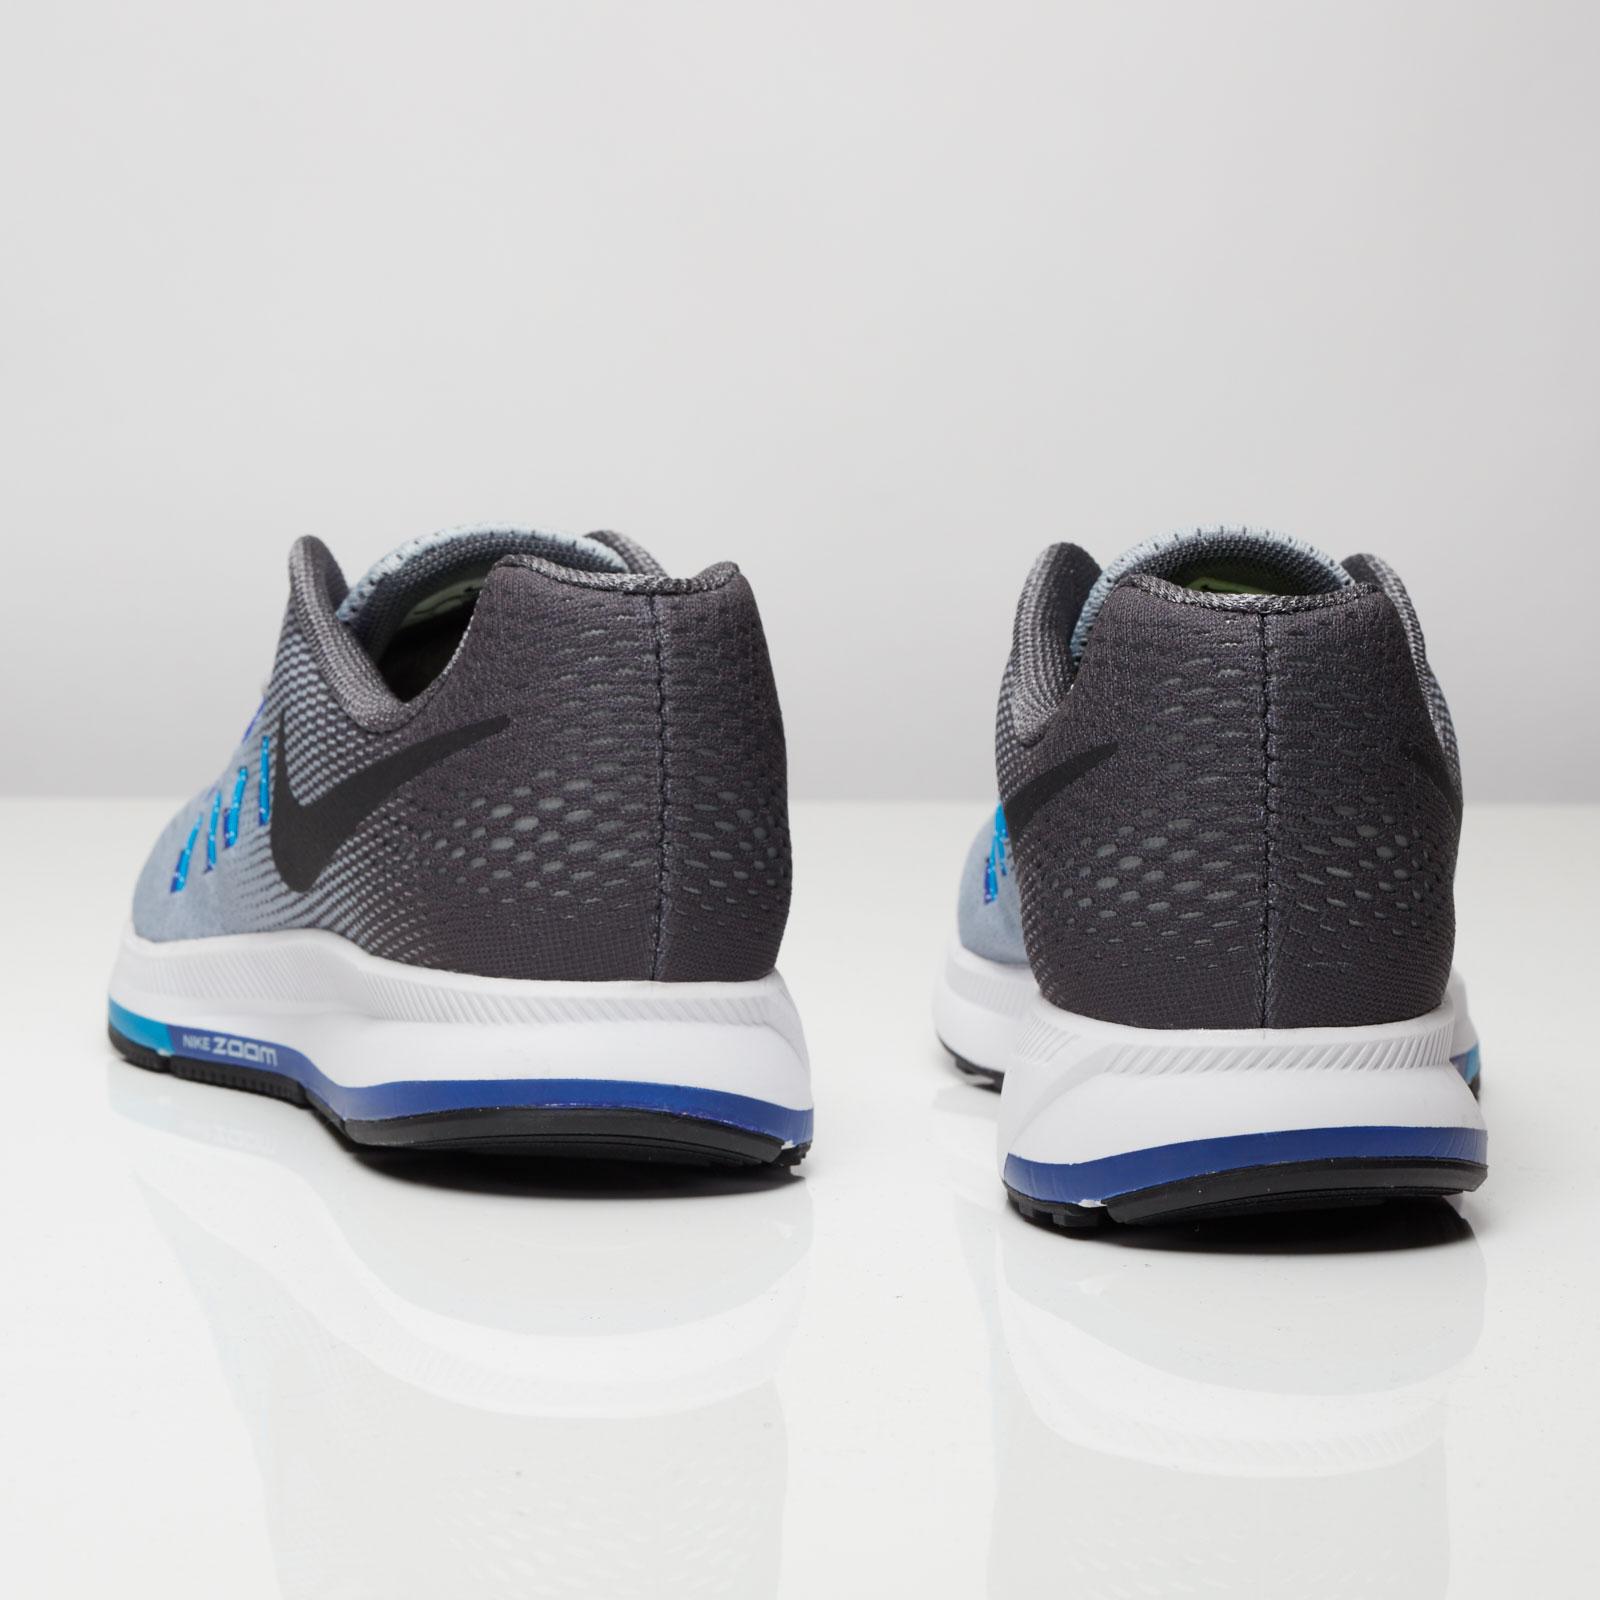 cb75d293f710d Nike Air Zoom Pegasus 33 - 831352-004 - Sneakersnstuff